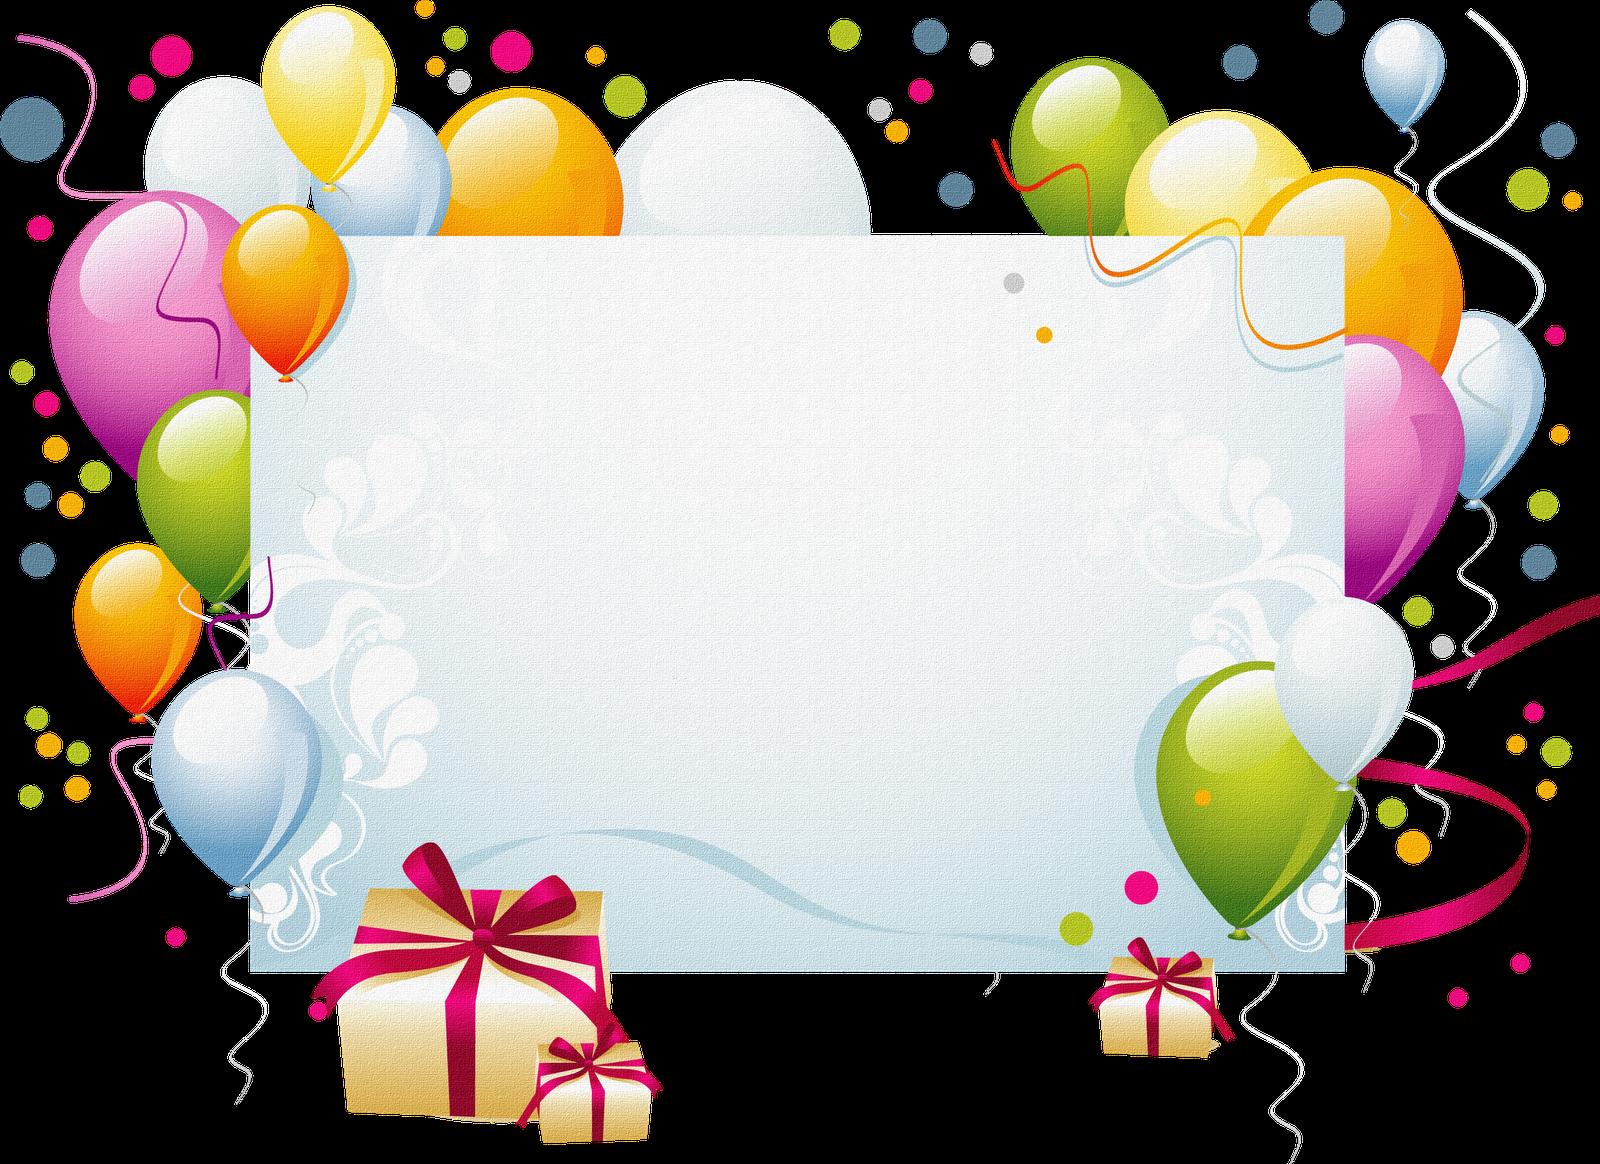 Открытки с днем рождения саша ребенку, ира выздоравливай открытка